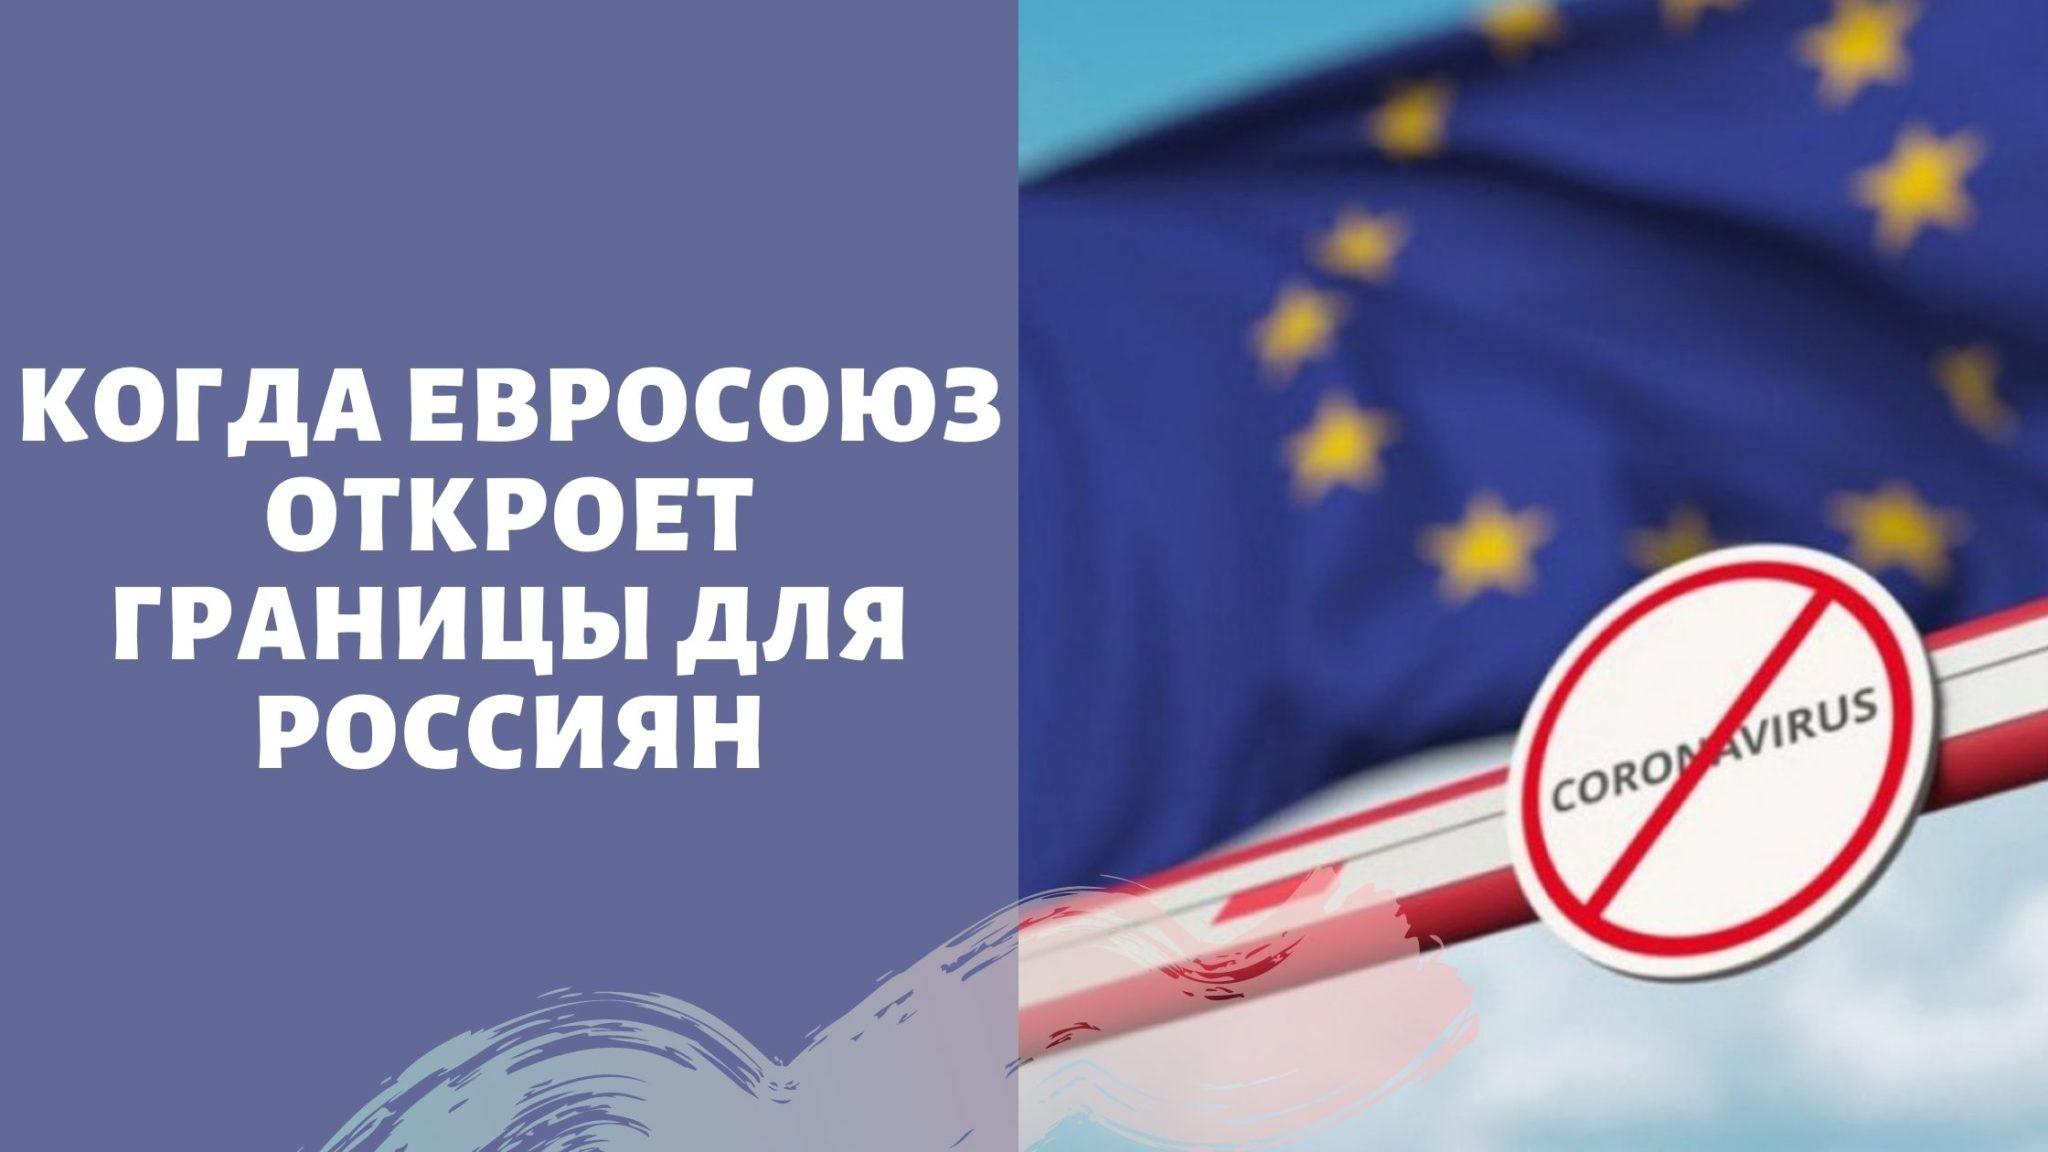 Авиасообщение с Европой на октябрь 2020